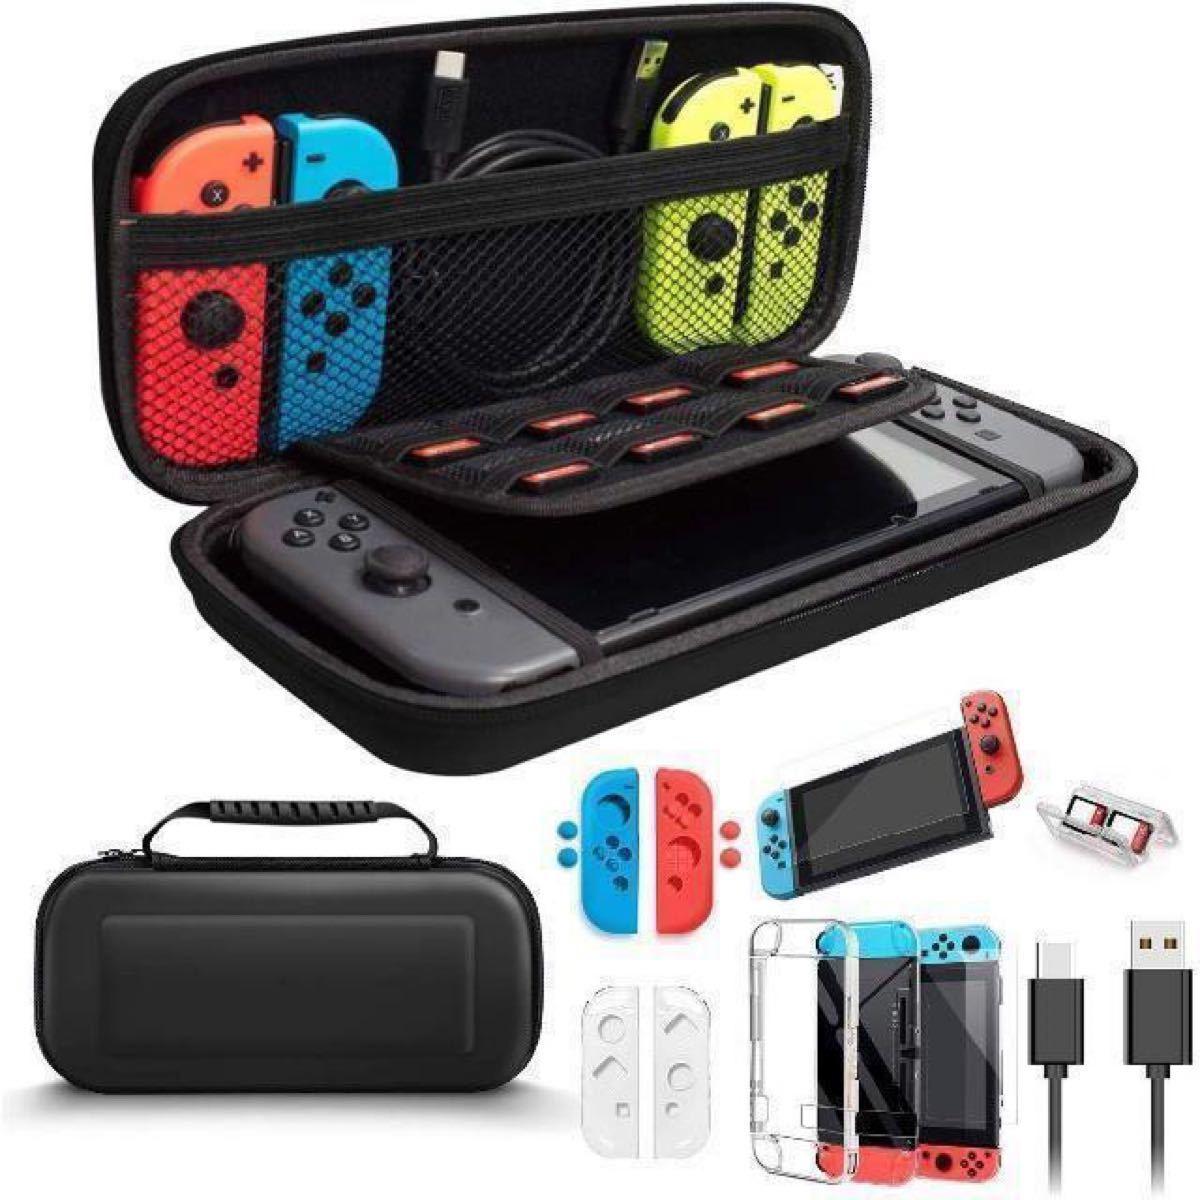 Nintendo Switch ニンテンドースイッチ 保護フィルム 任天堂スイッチケース